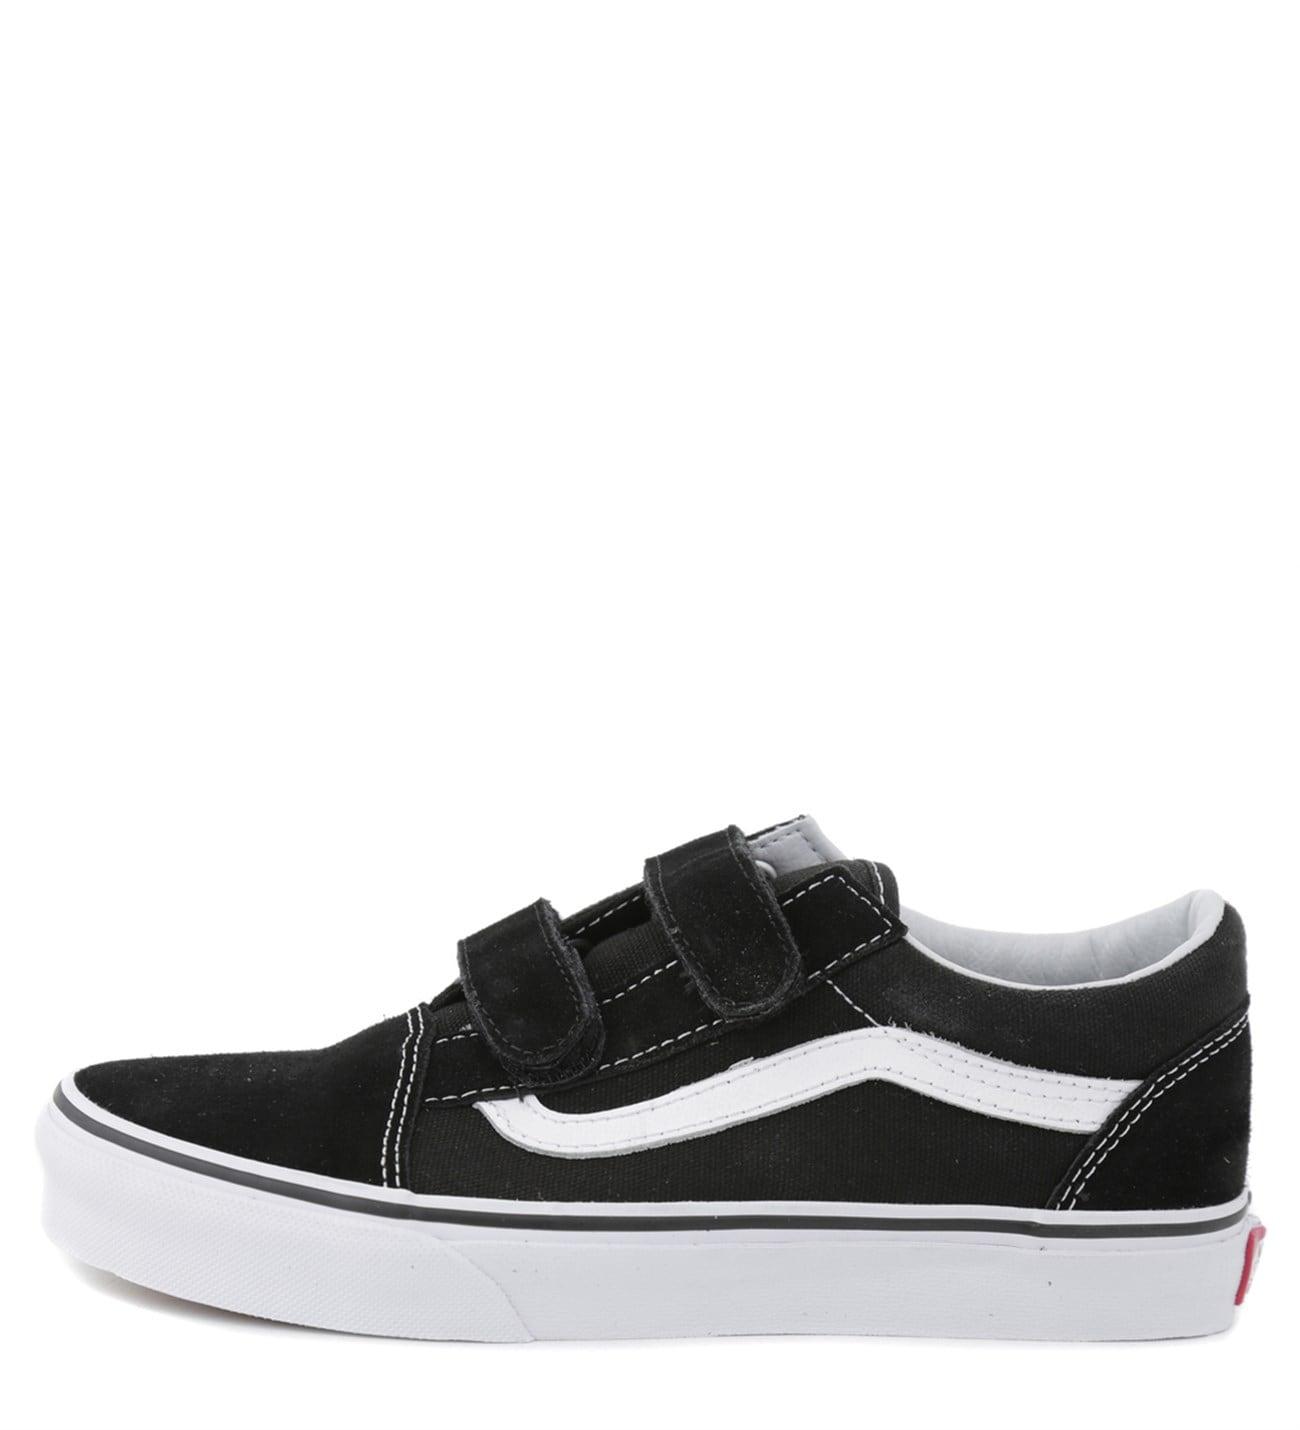 0a53809332 Vans Old Skool V Çocuk Günlük Ayakkabı Siyah NVVHE6BT-R